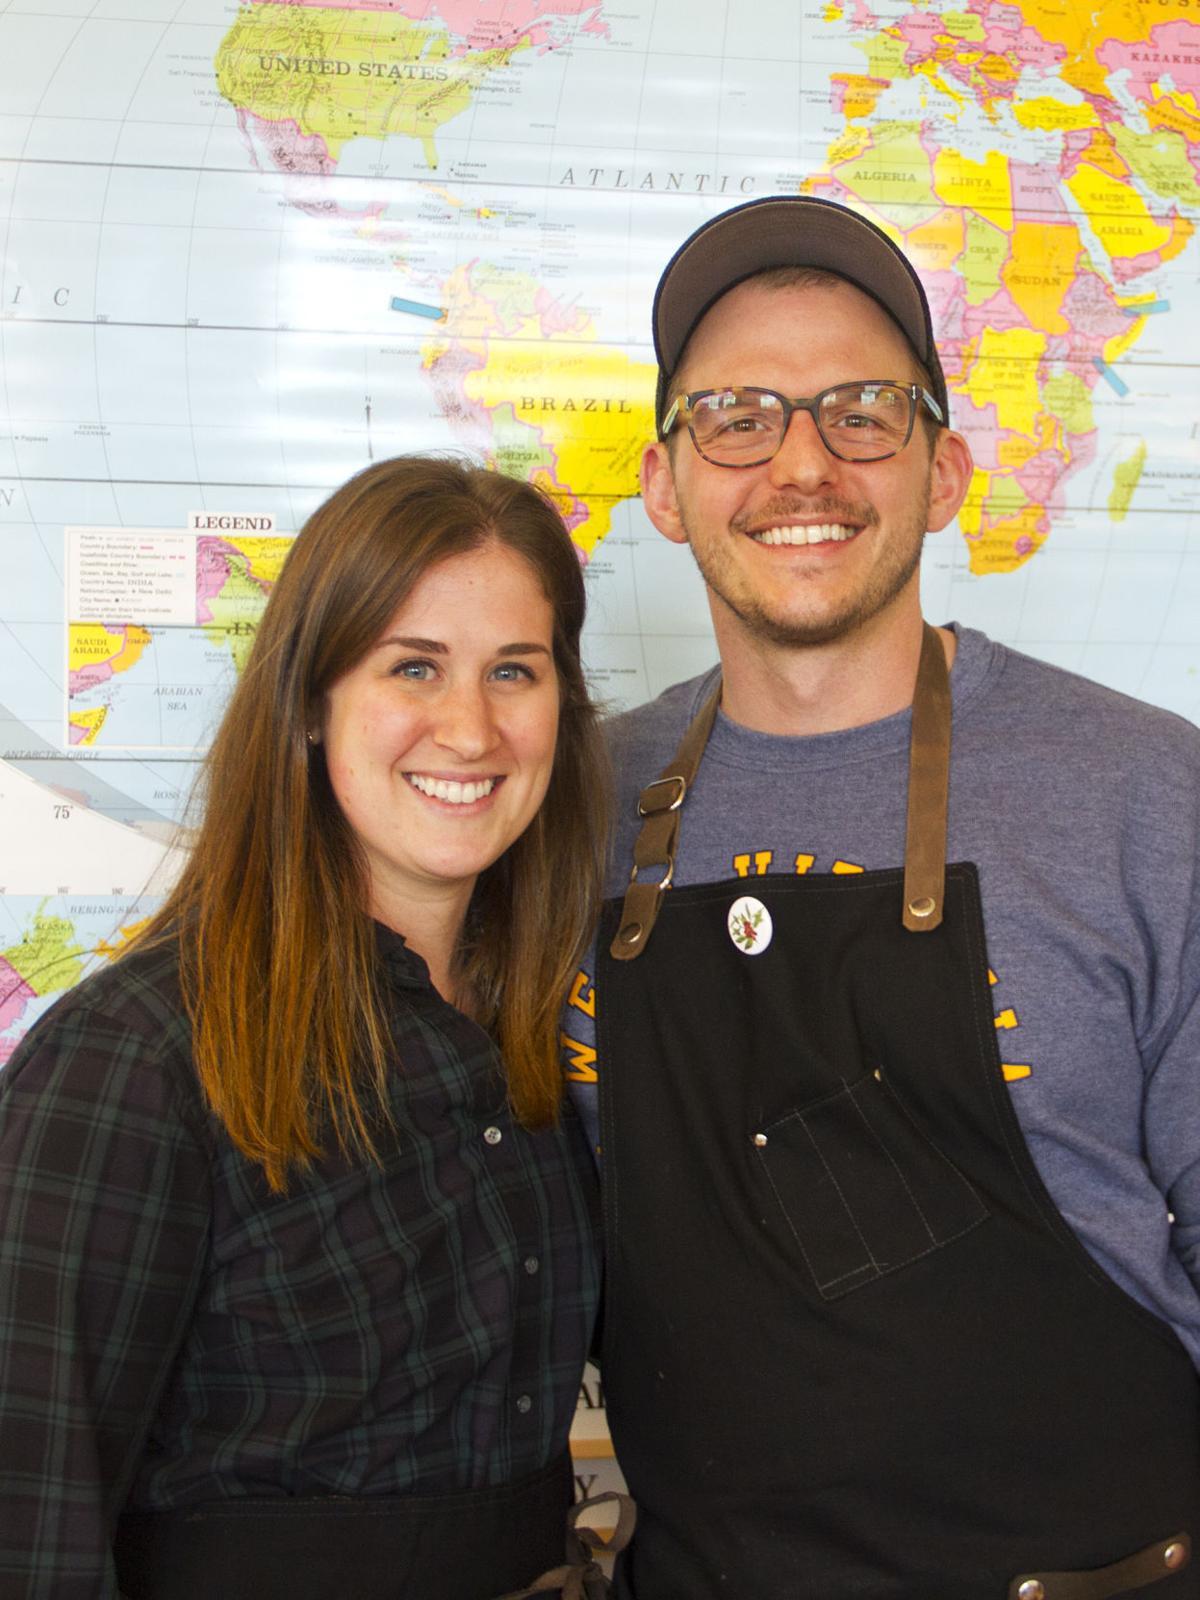 Julie and Matt with map